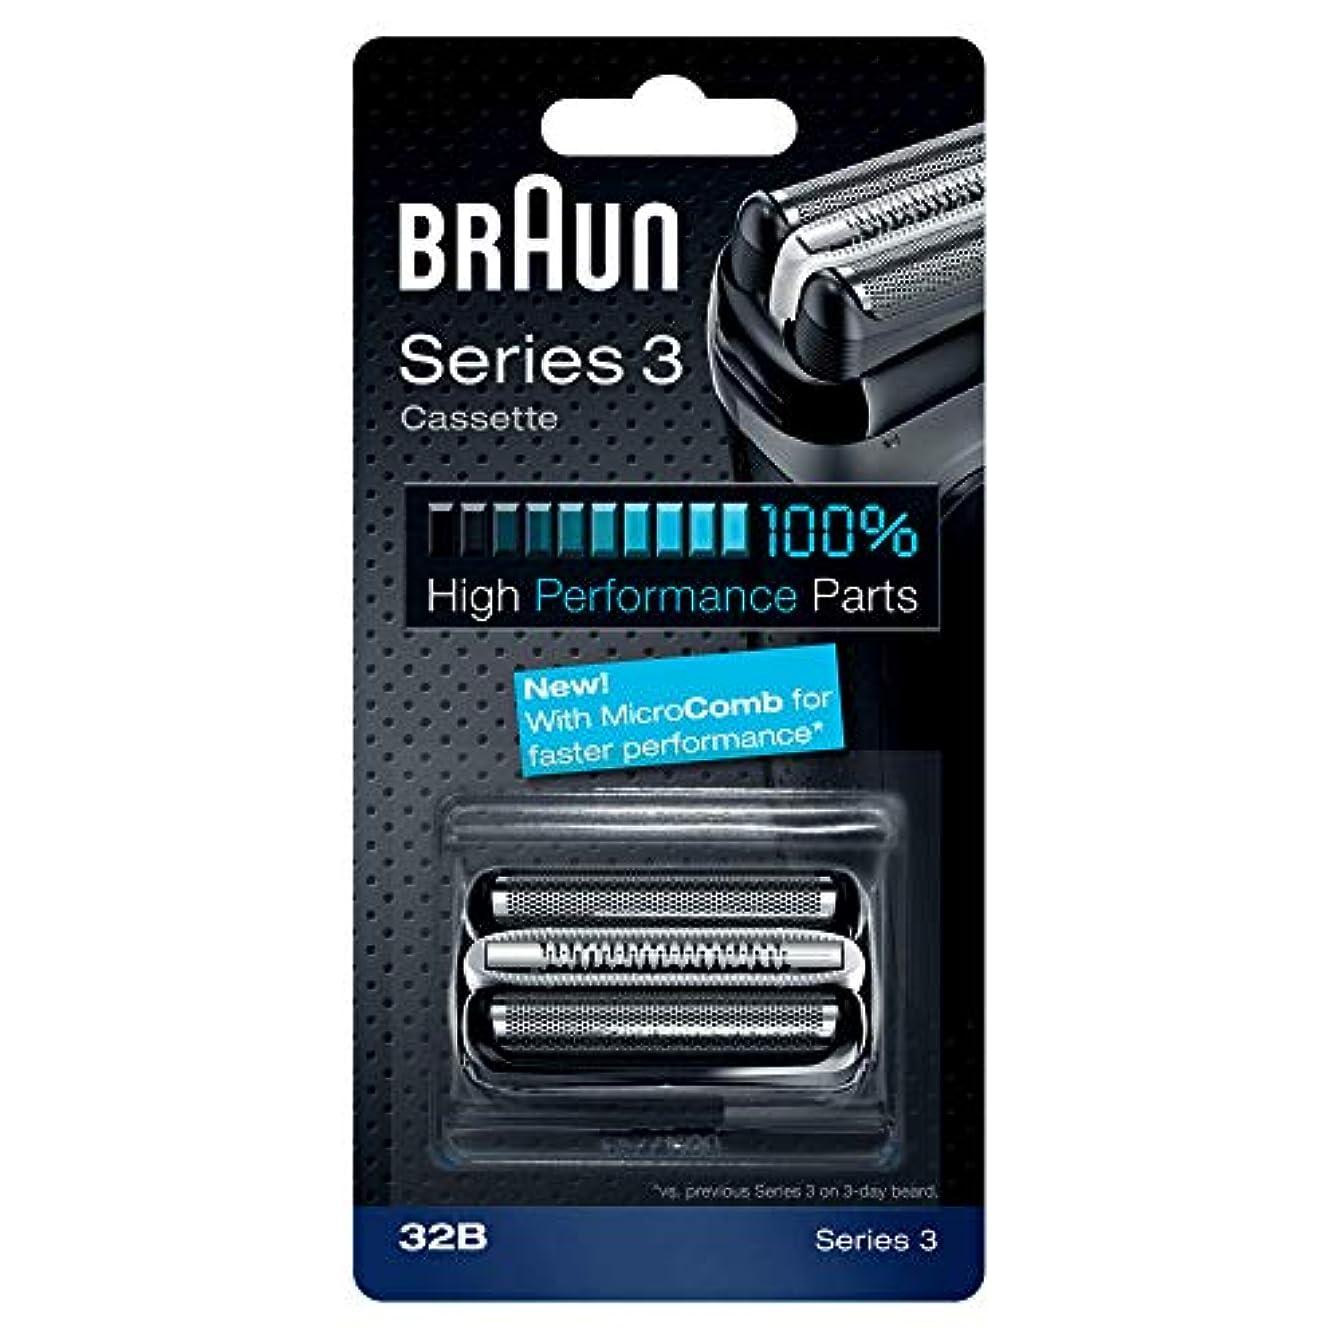 時刻表プログレッシブブースBRAUN 32B Series 3 Shaver Cassette MicroComb交換ヘッドをフォイルカッター& [並行輸入品]